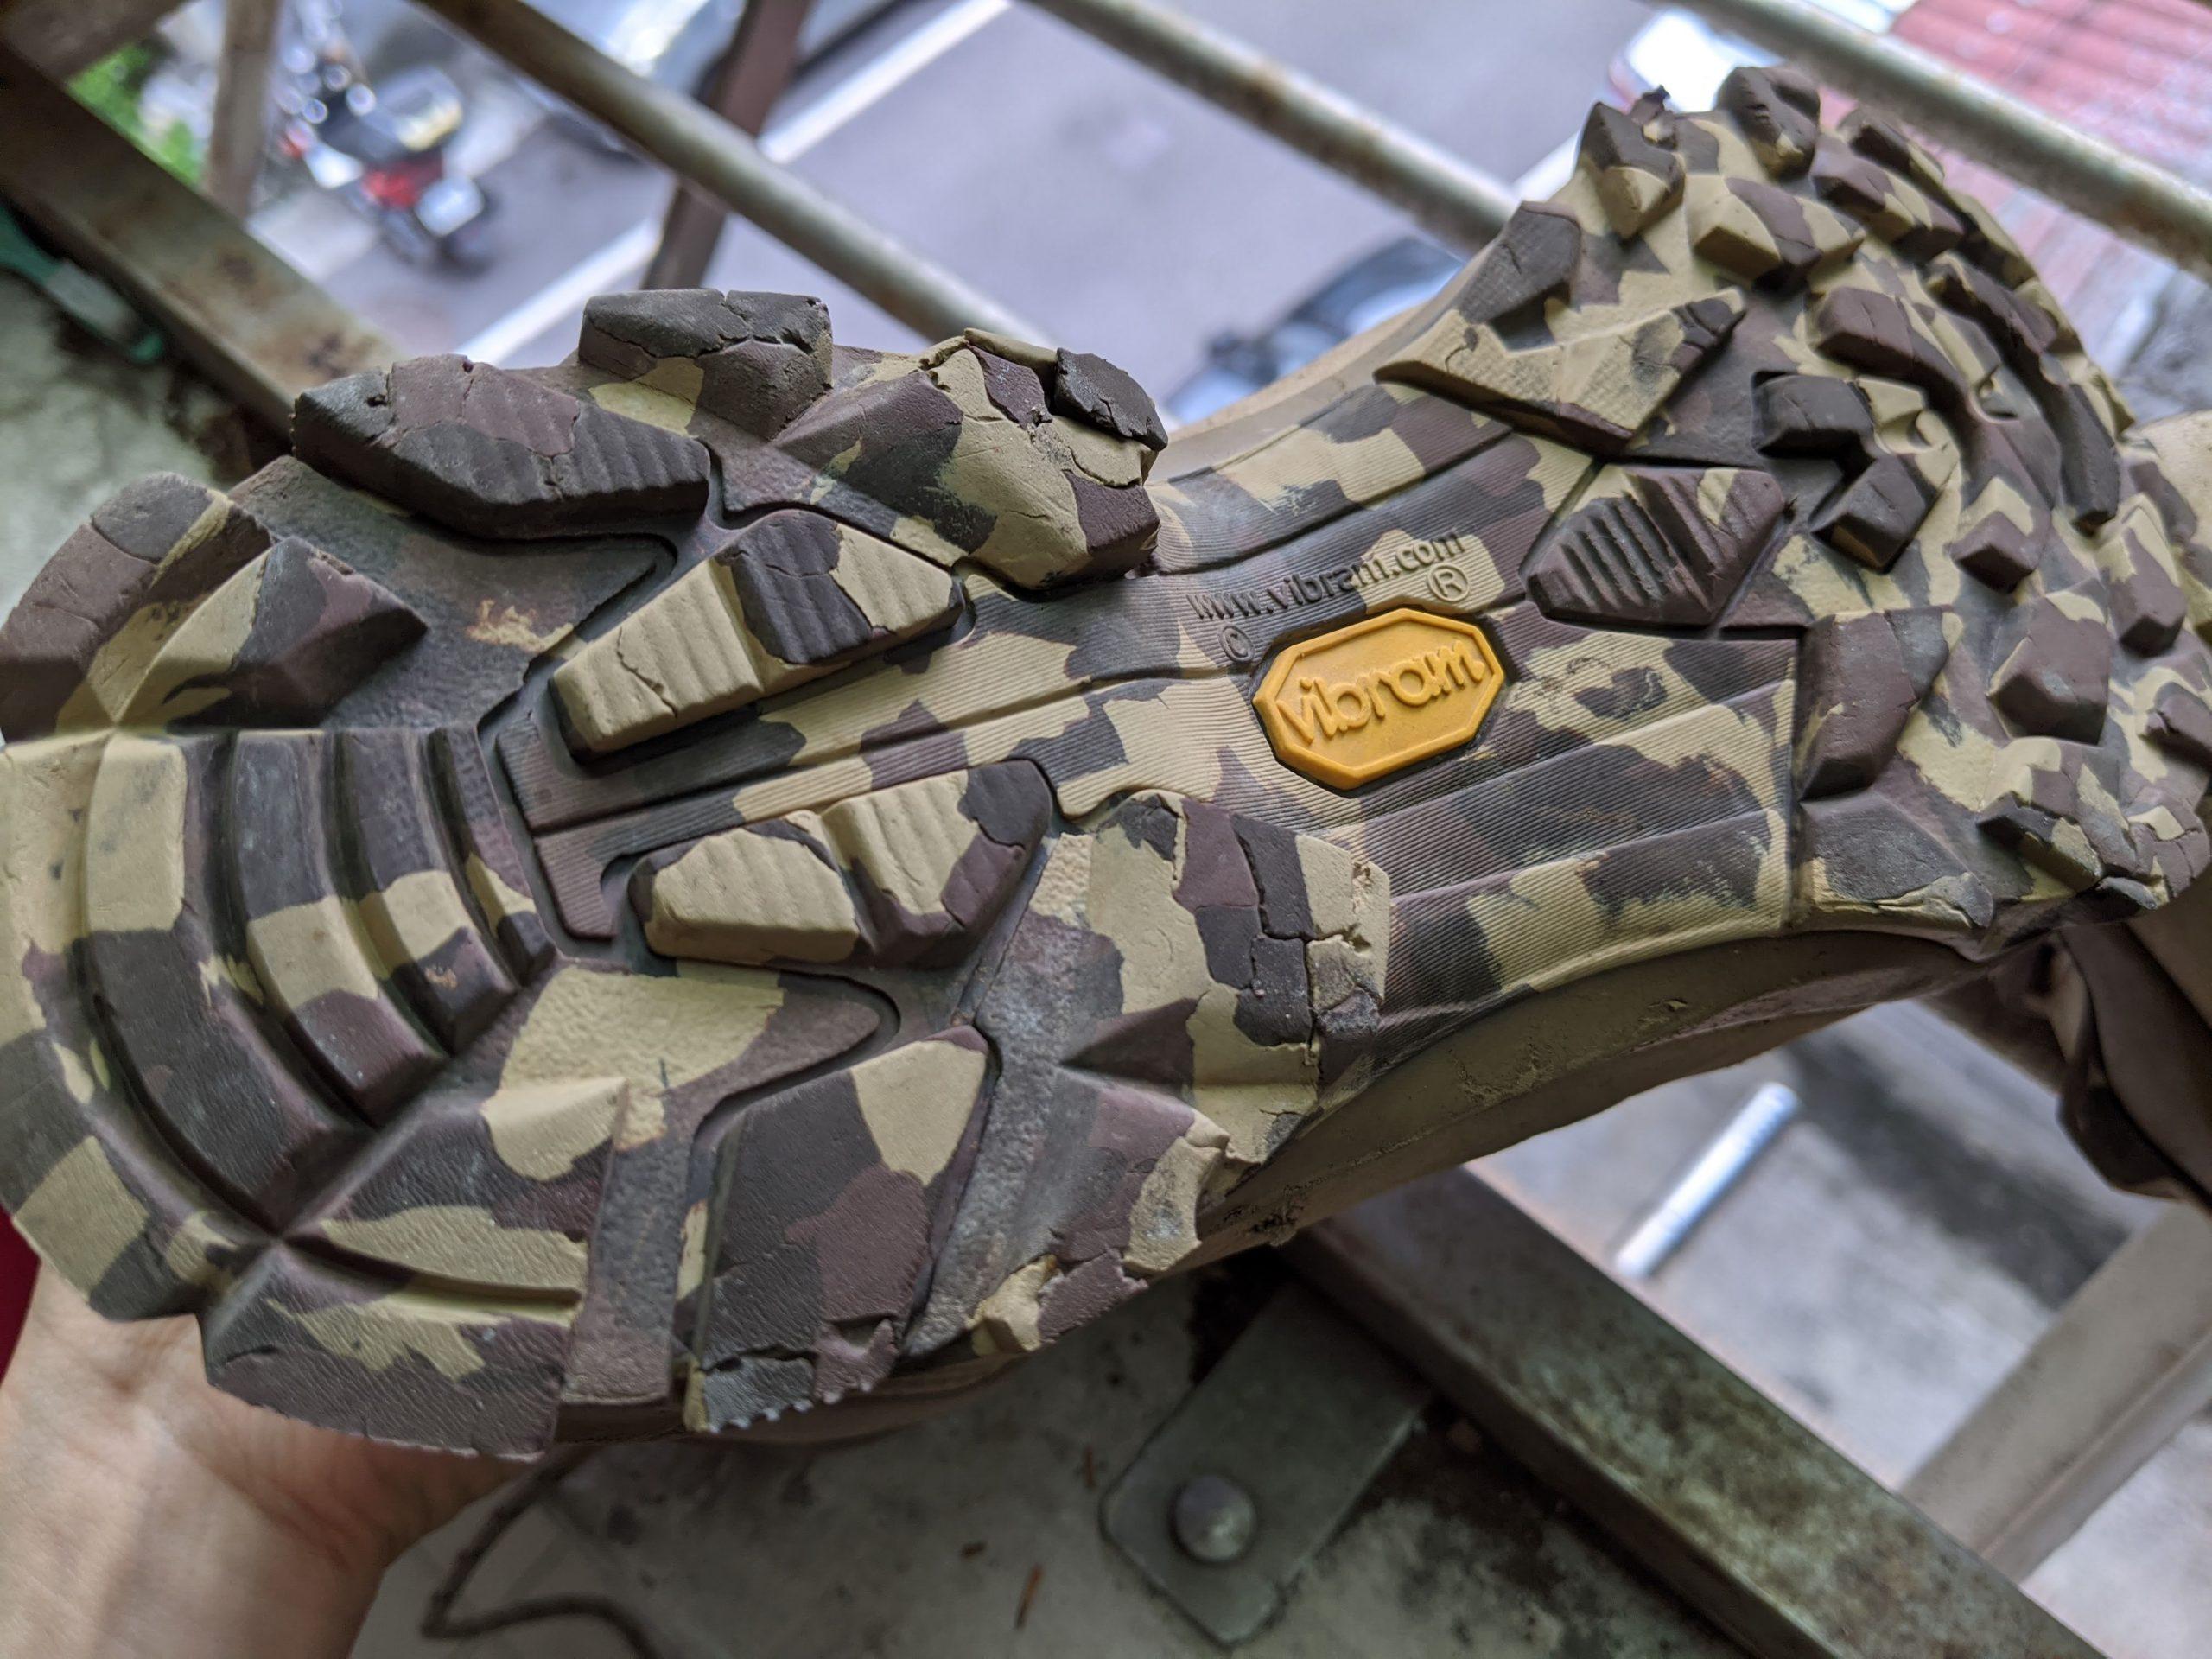 Zamberlan登山鞋獵靴